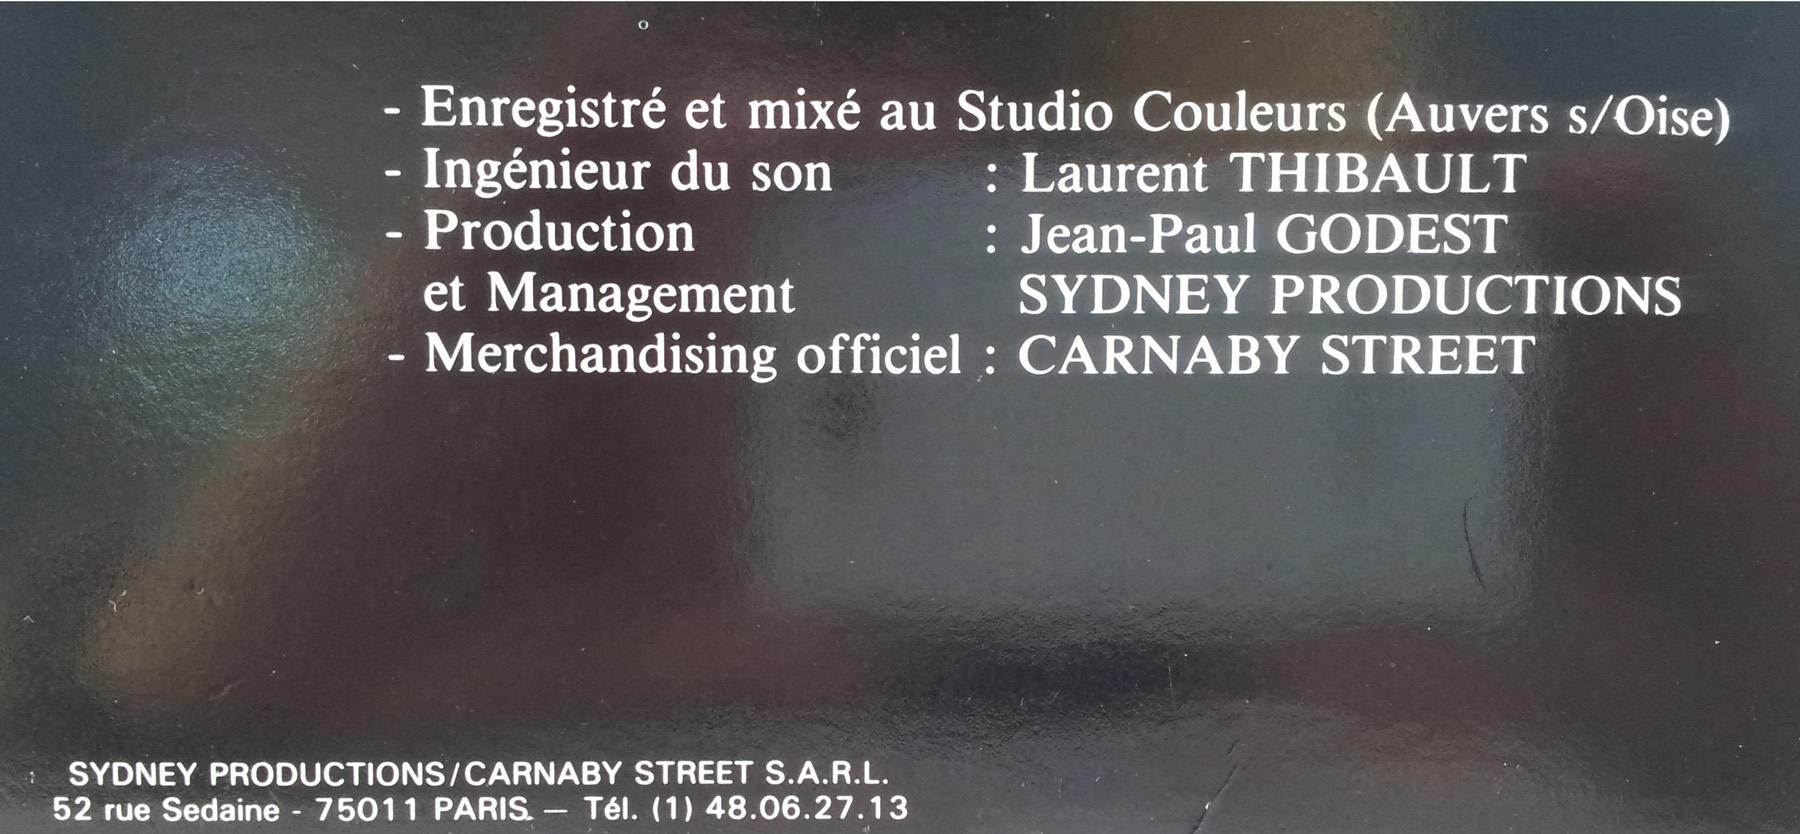 DUM DUM BULLET 1er album (1986) 33 tours - le vinyle vu de plus près ...   Dum_du10